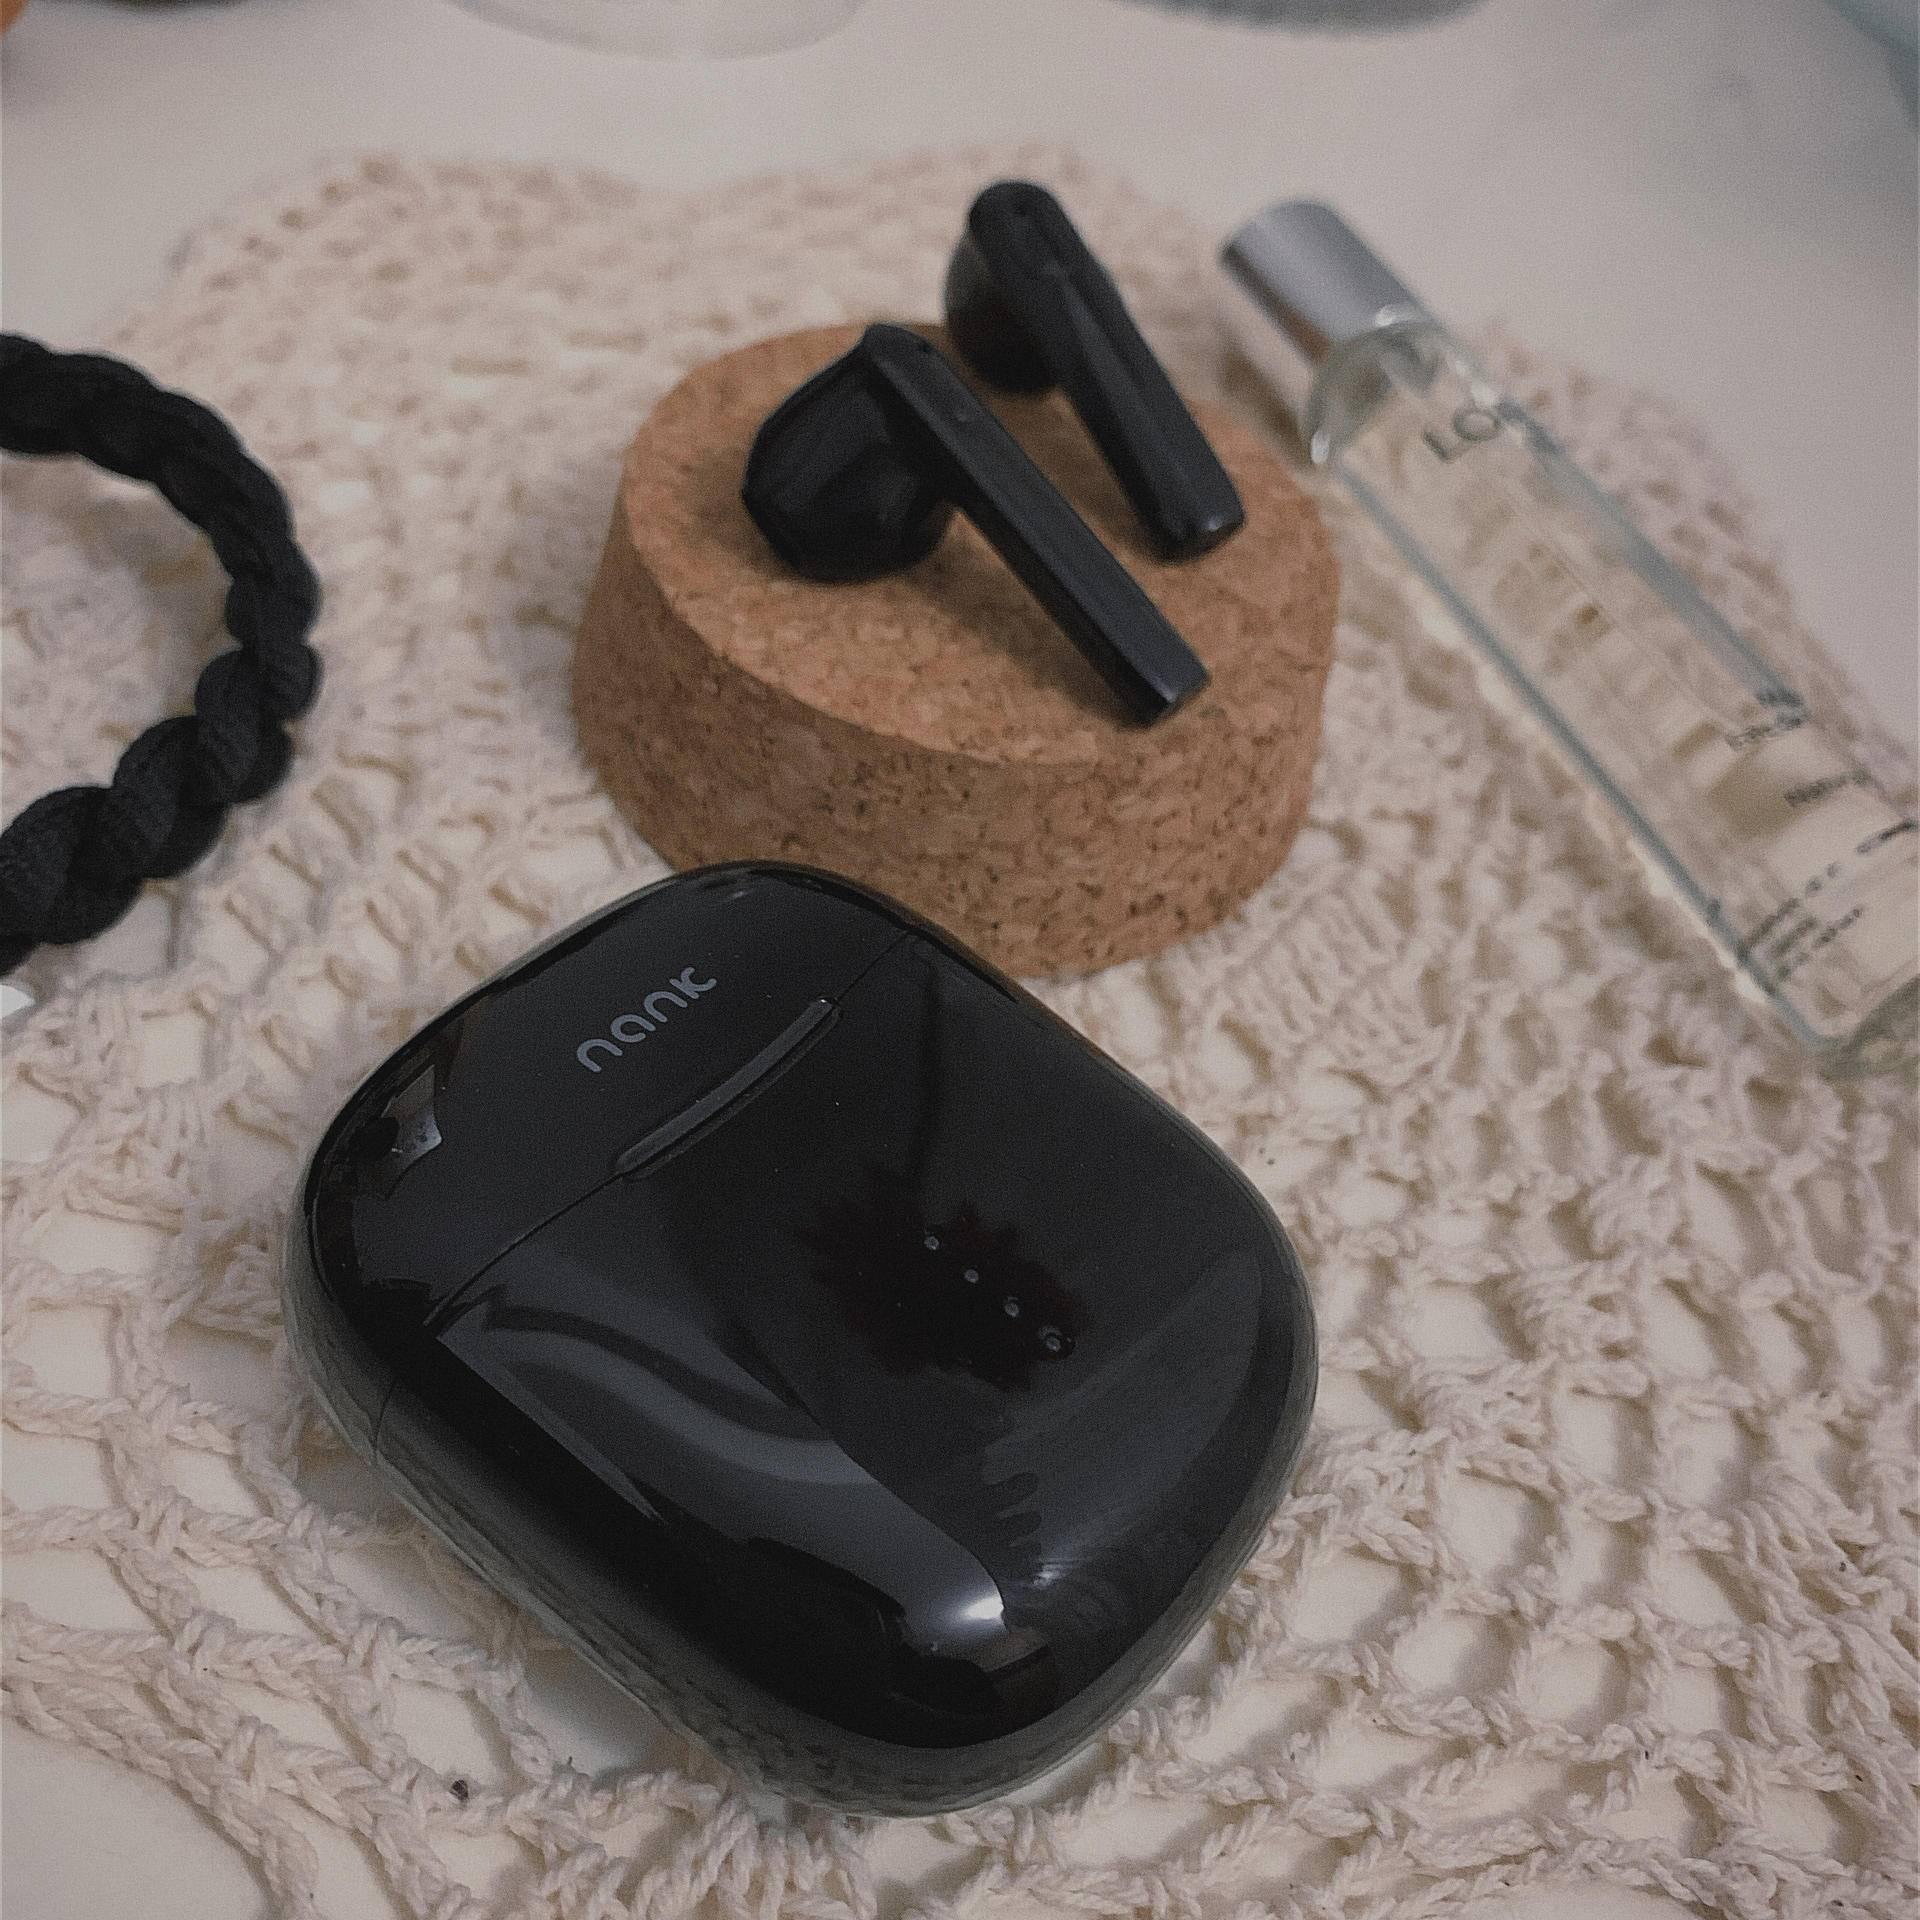 低价不低配 送礼优选 南卡Lite真无线蓝牙耳机